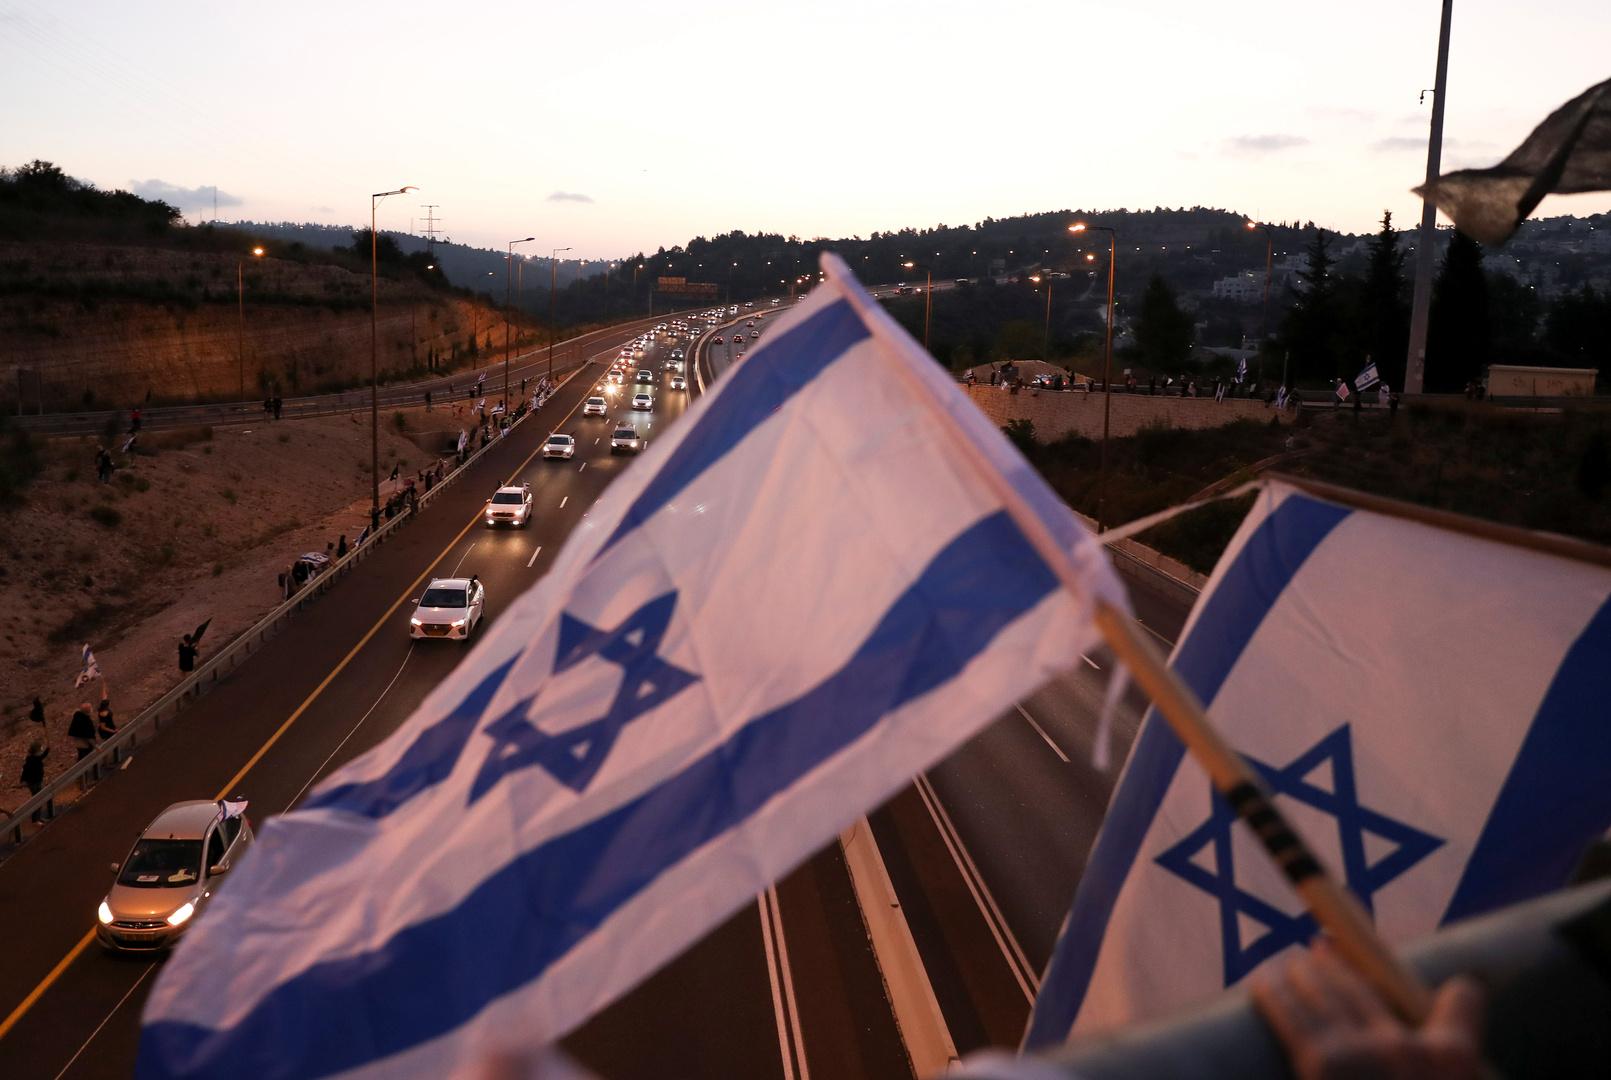 الجيش الإسرائيلي يعلن إحباط عملية تهريب مخدرات على الحدود مع مصر